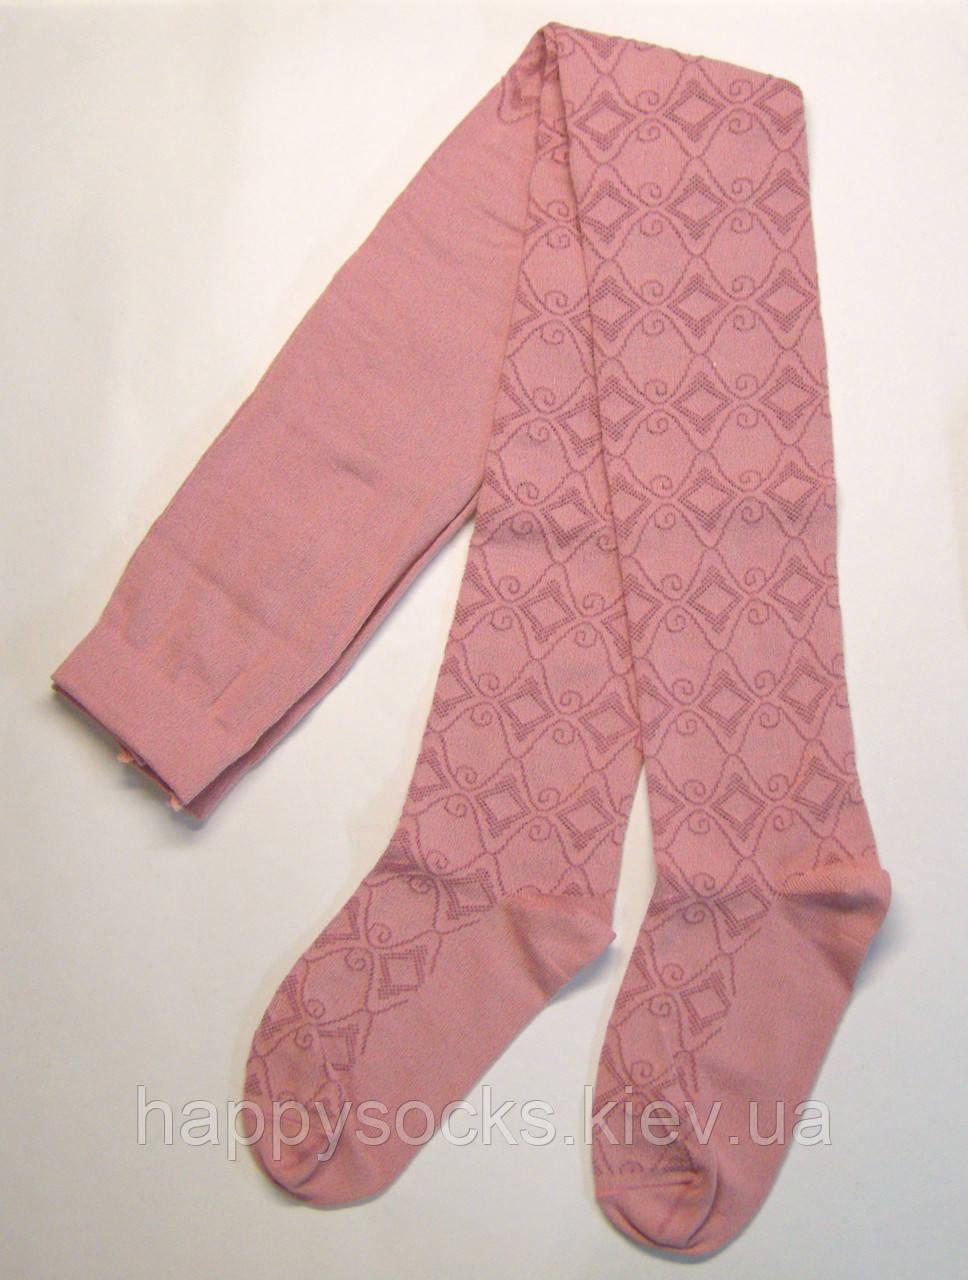 Колготки розового цвета хлопковые с ажурным узором